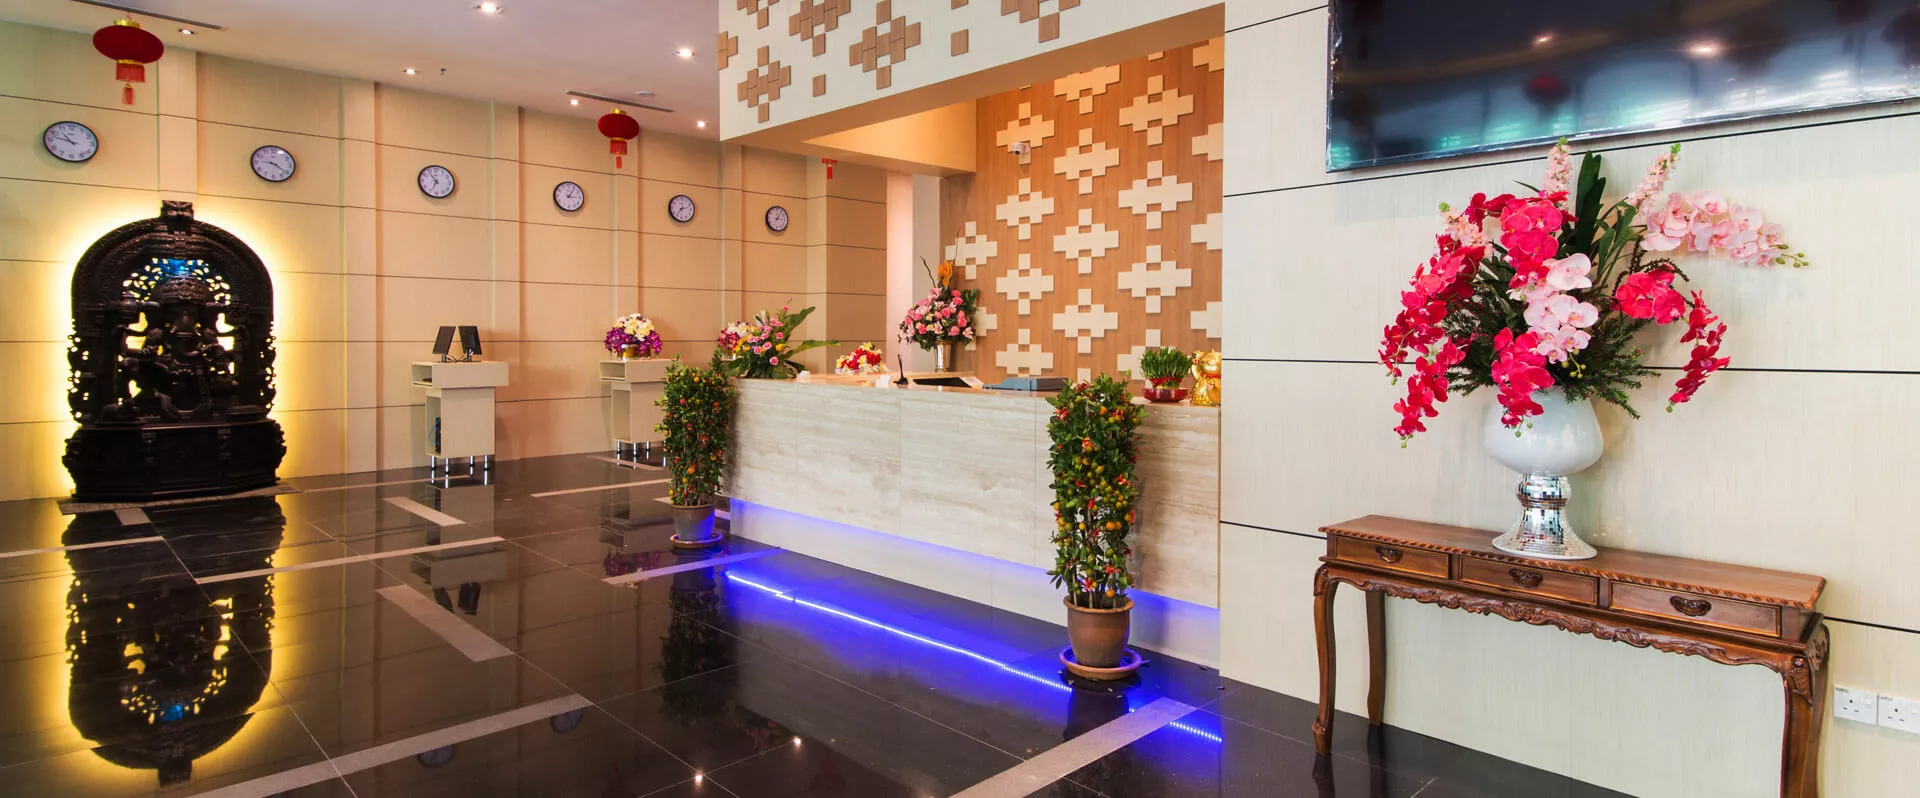 Signature Hotel ChinaTown, Kuala Lumpur